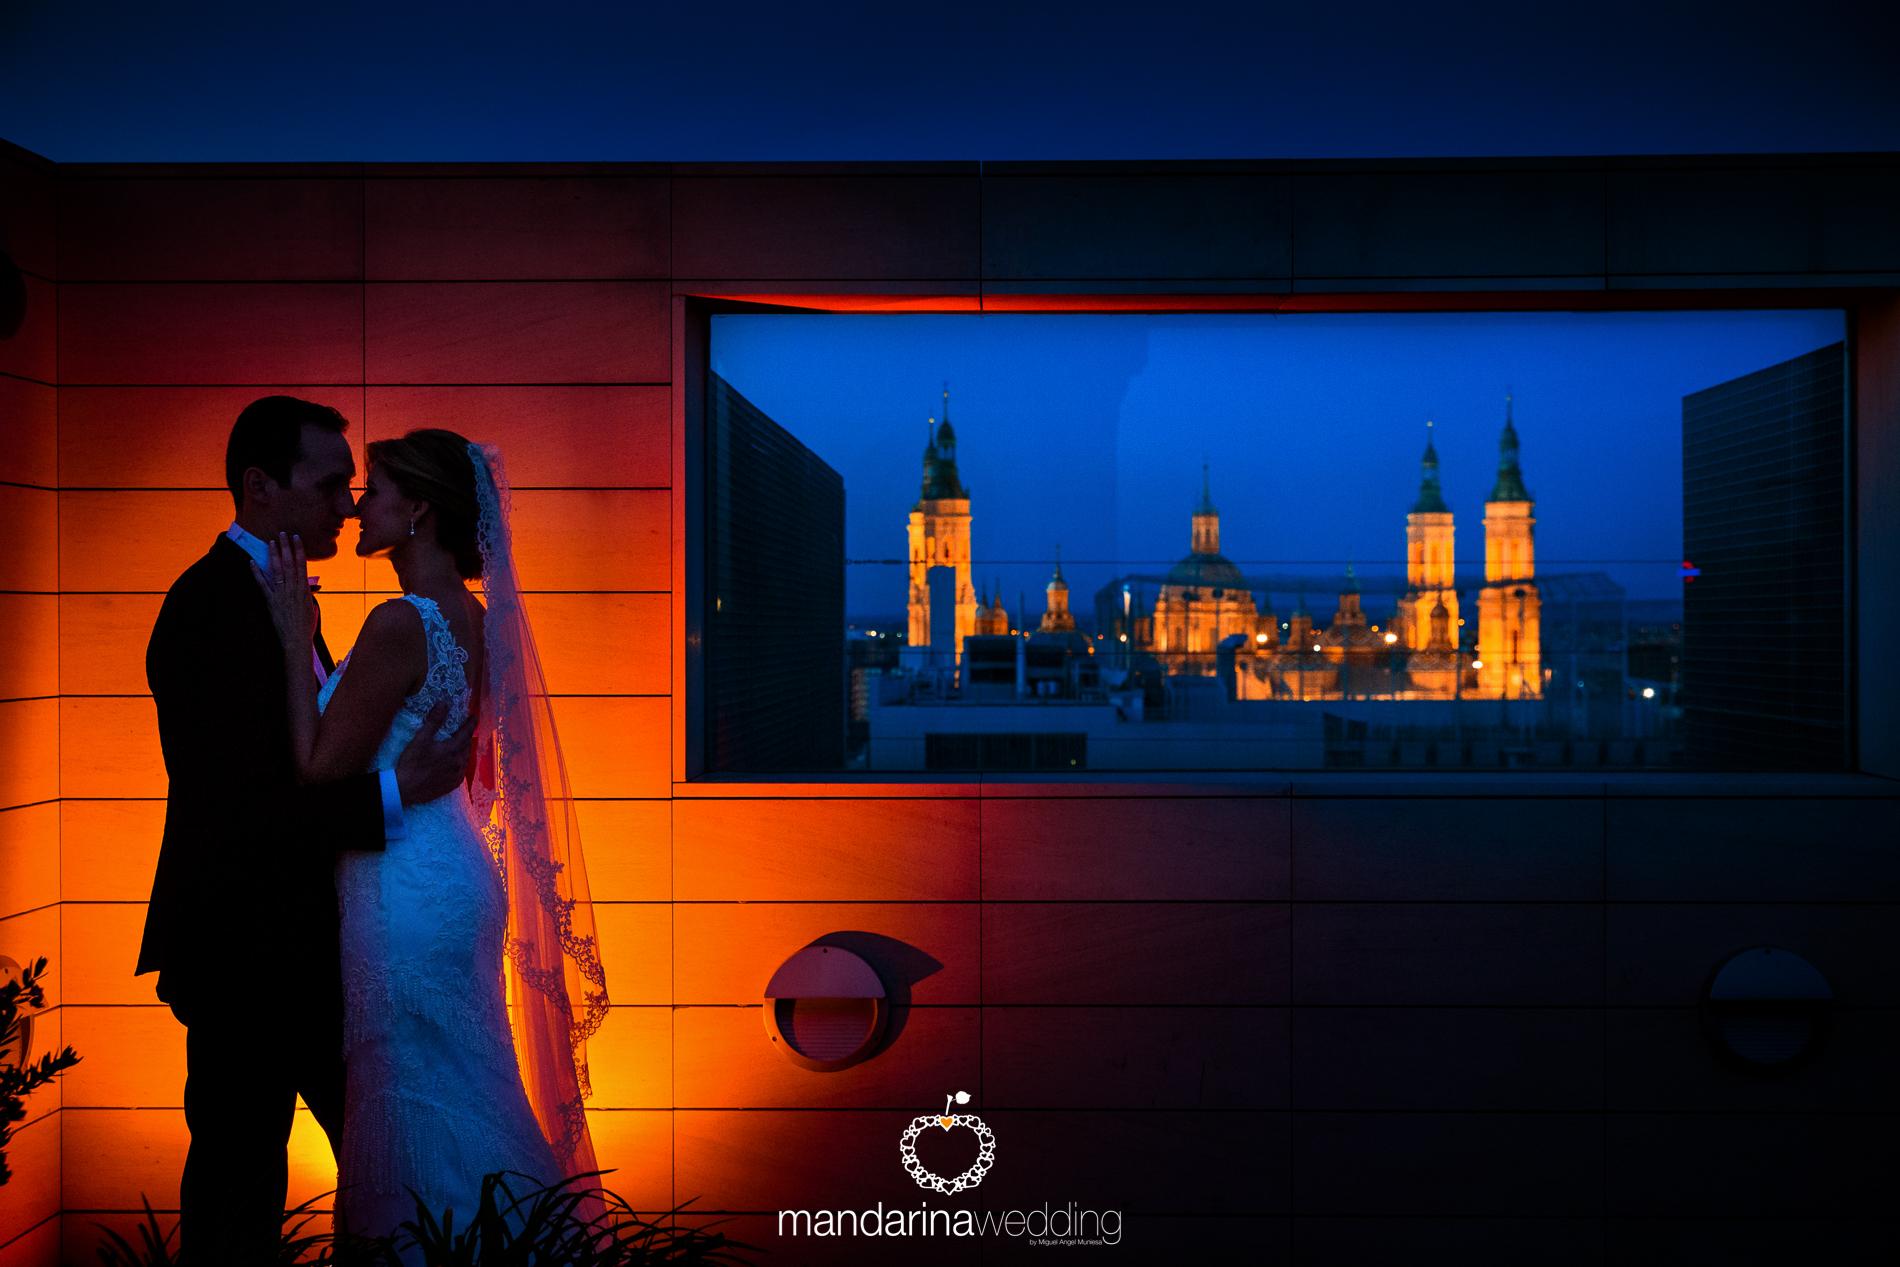 mandarina wedding_01